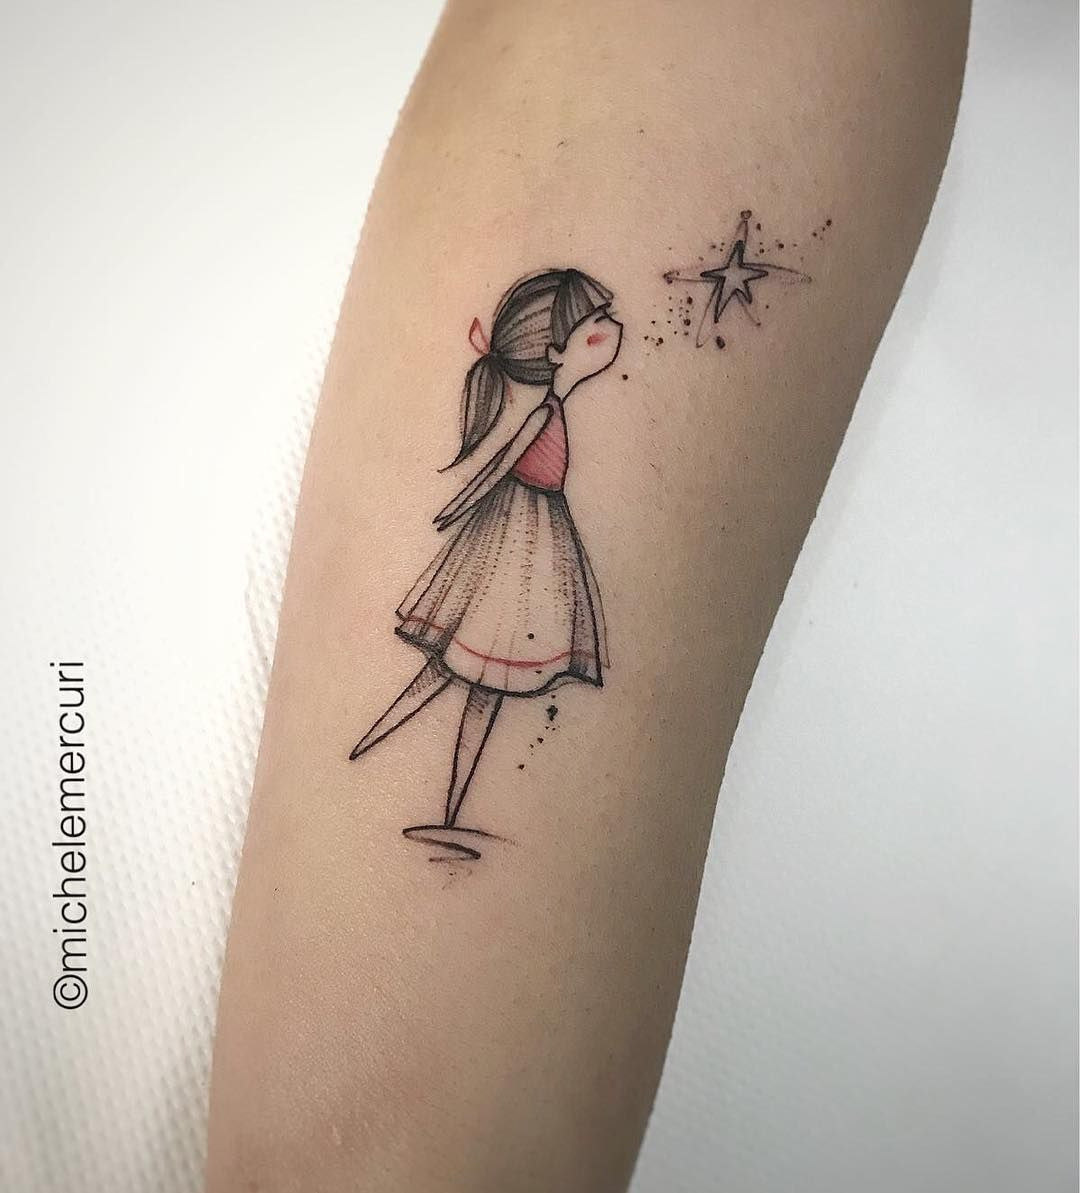 Pin By Mirza Ribic On Tattoo Ideas: Encontre O Tatuador E A Inspiração Perfeita Para Fazer Sua